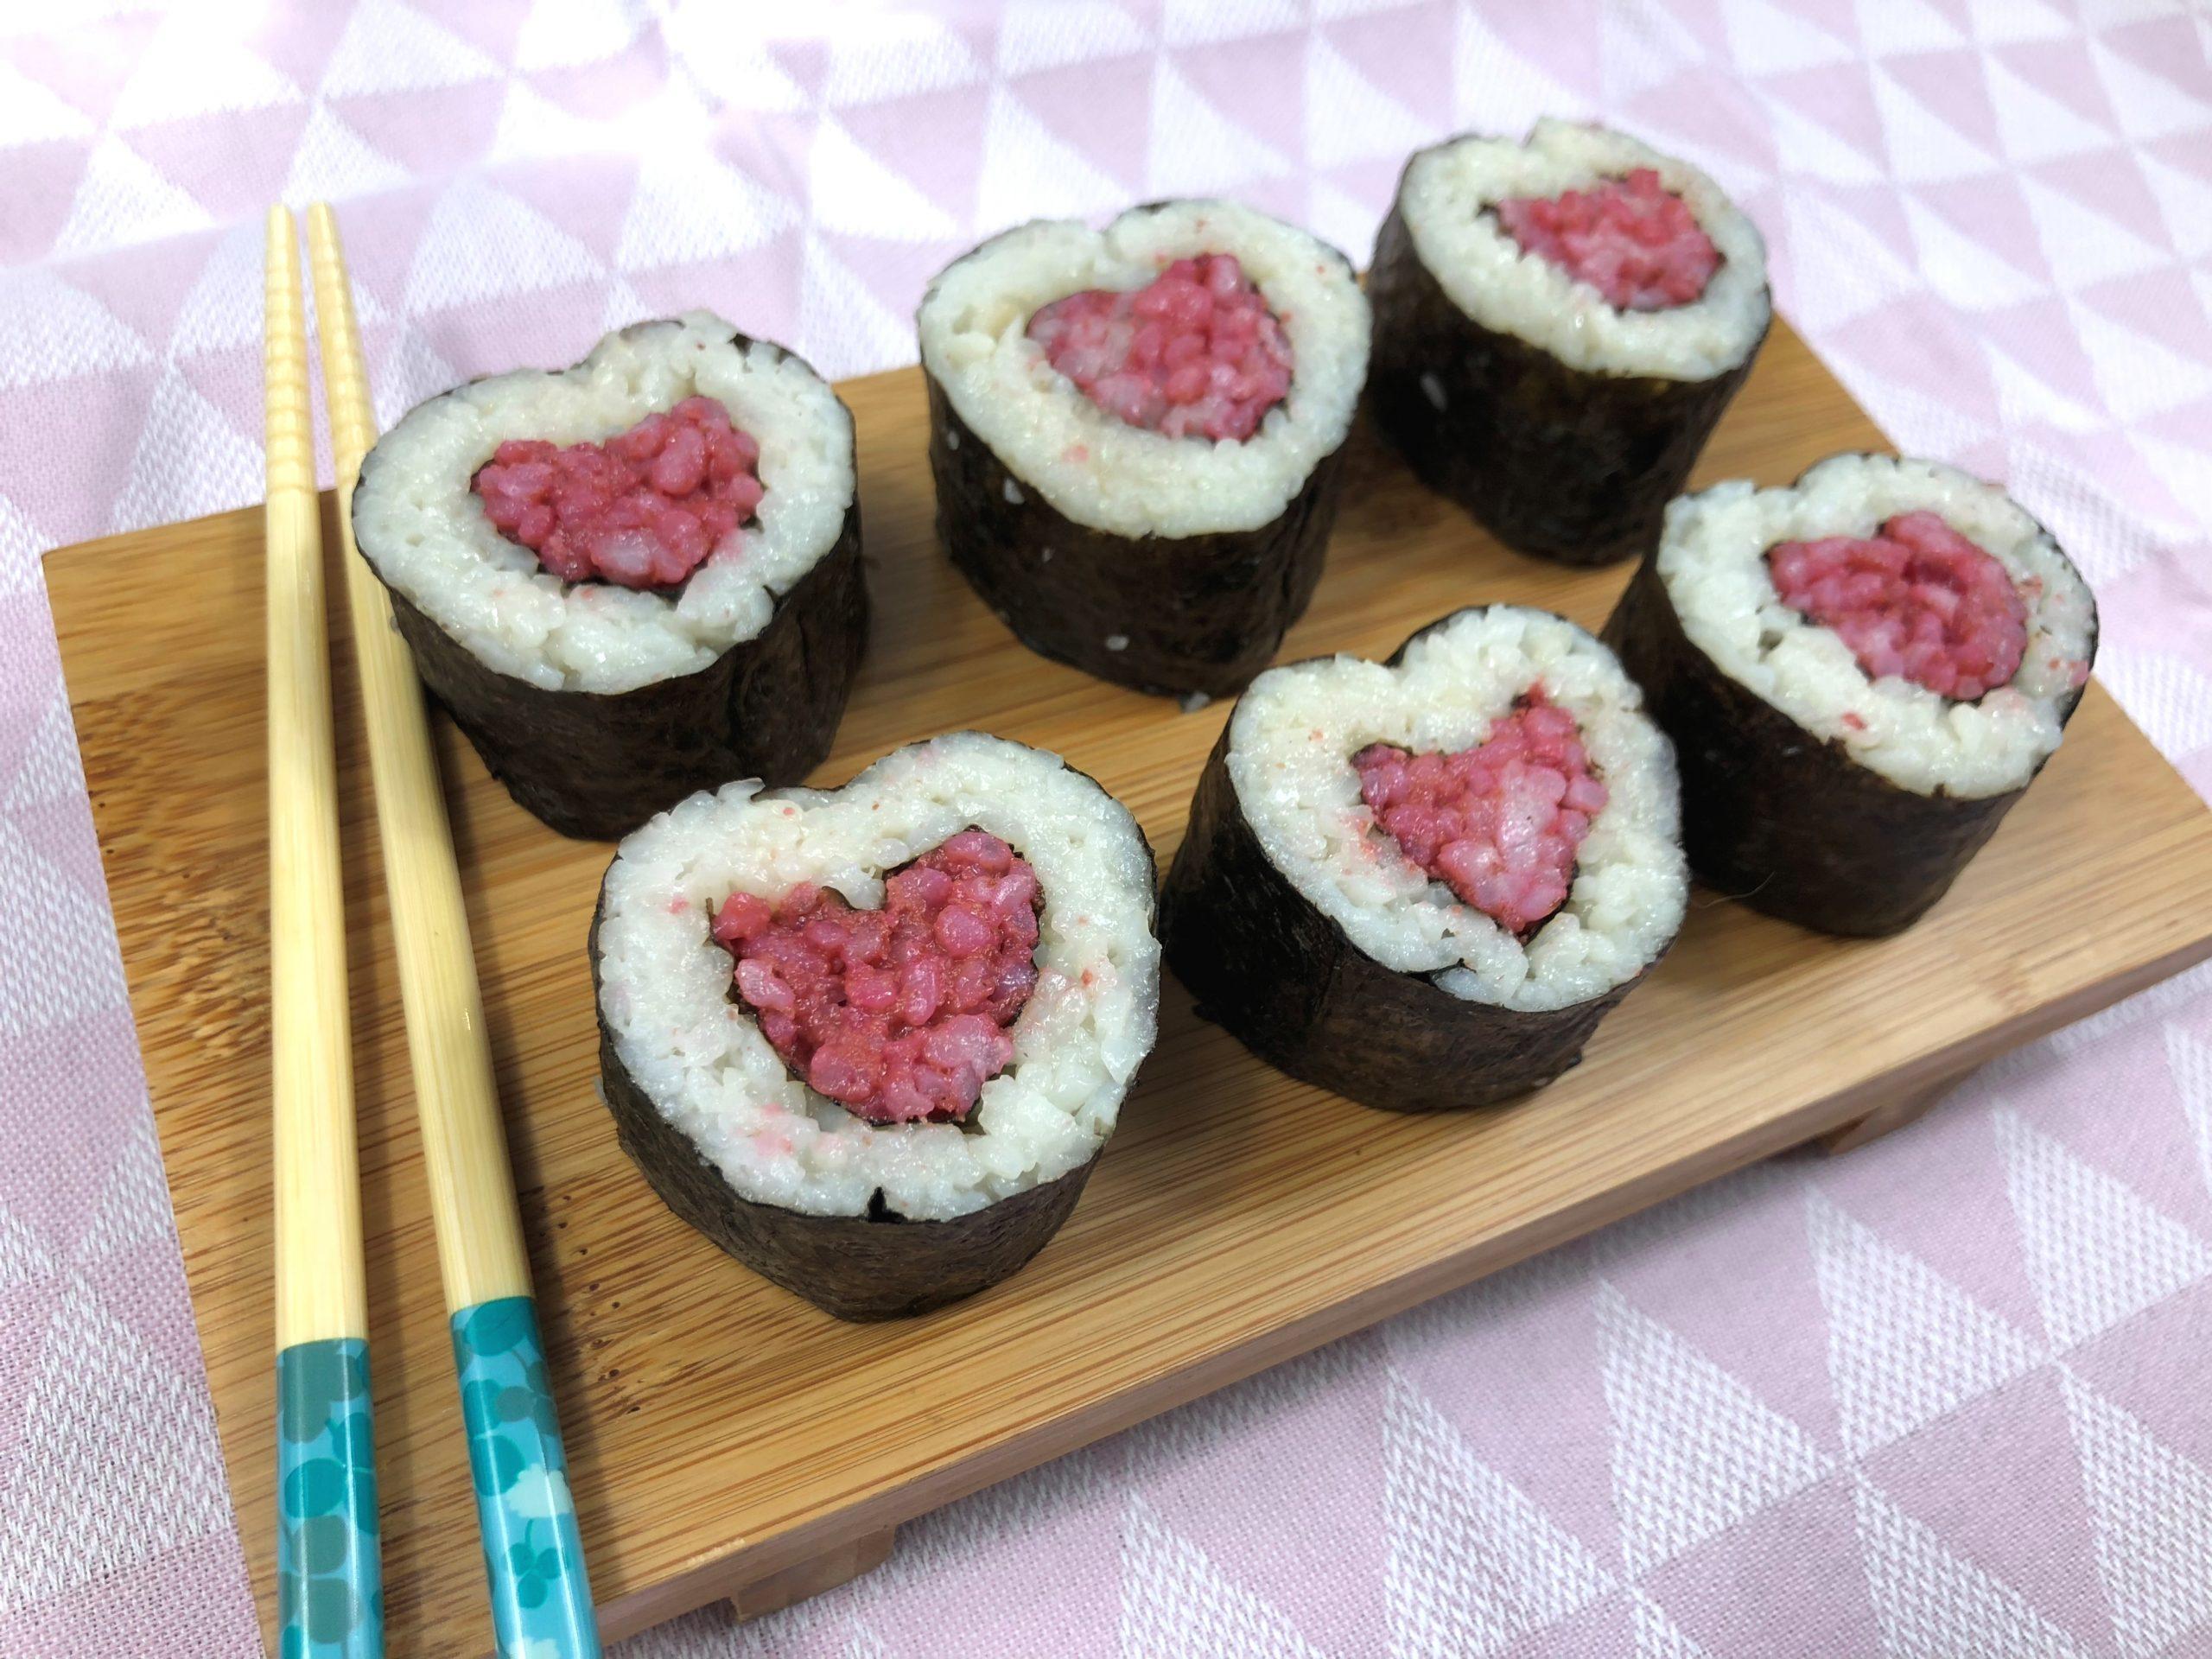 Makis cœur à la betterave pour la Saint-Valentin ❤️